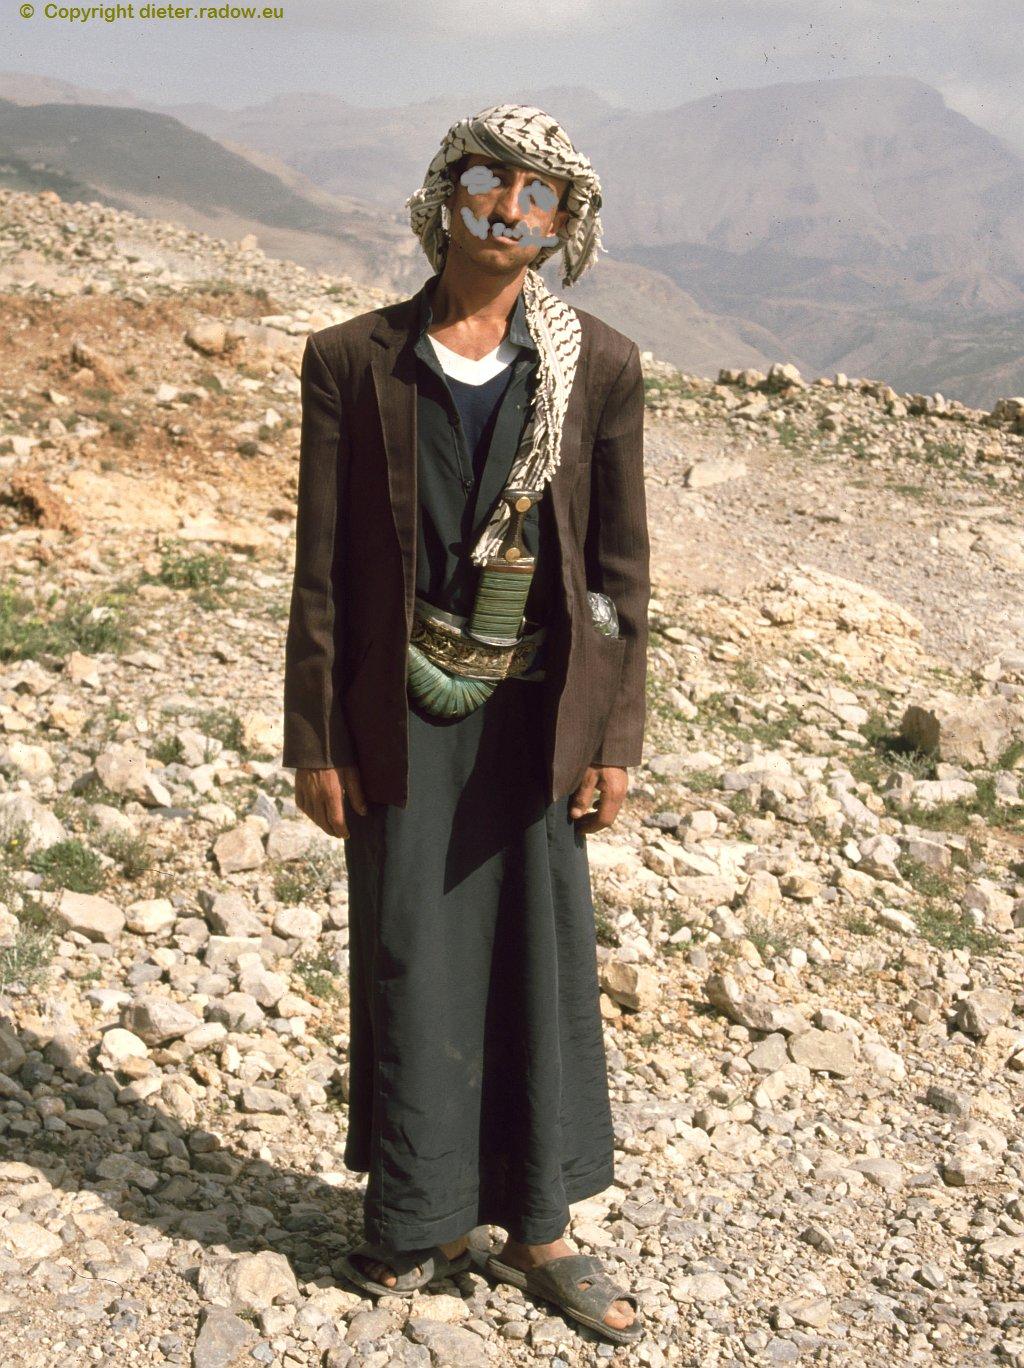 Jemen 811 grau